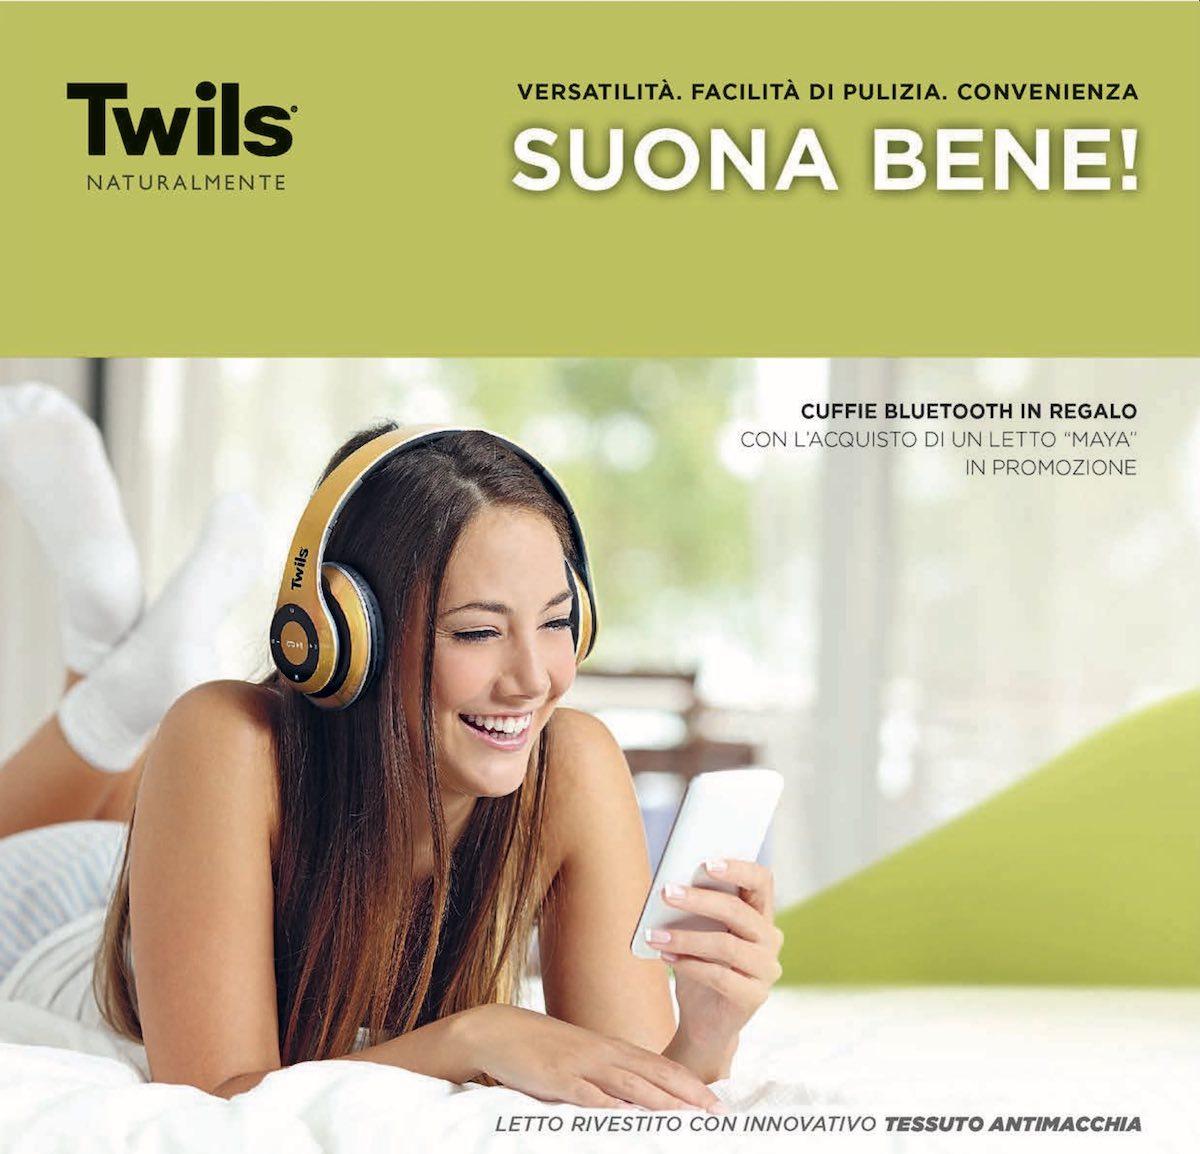 promozione-suona-bene-acquista-letto-twils-avrai-le-esclusive-cuffie-bluetooth-1